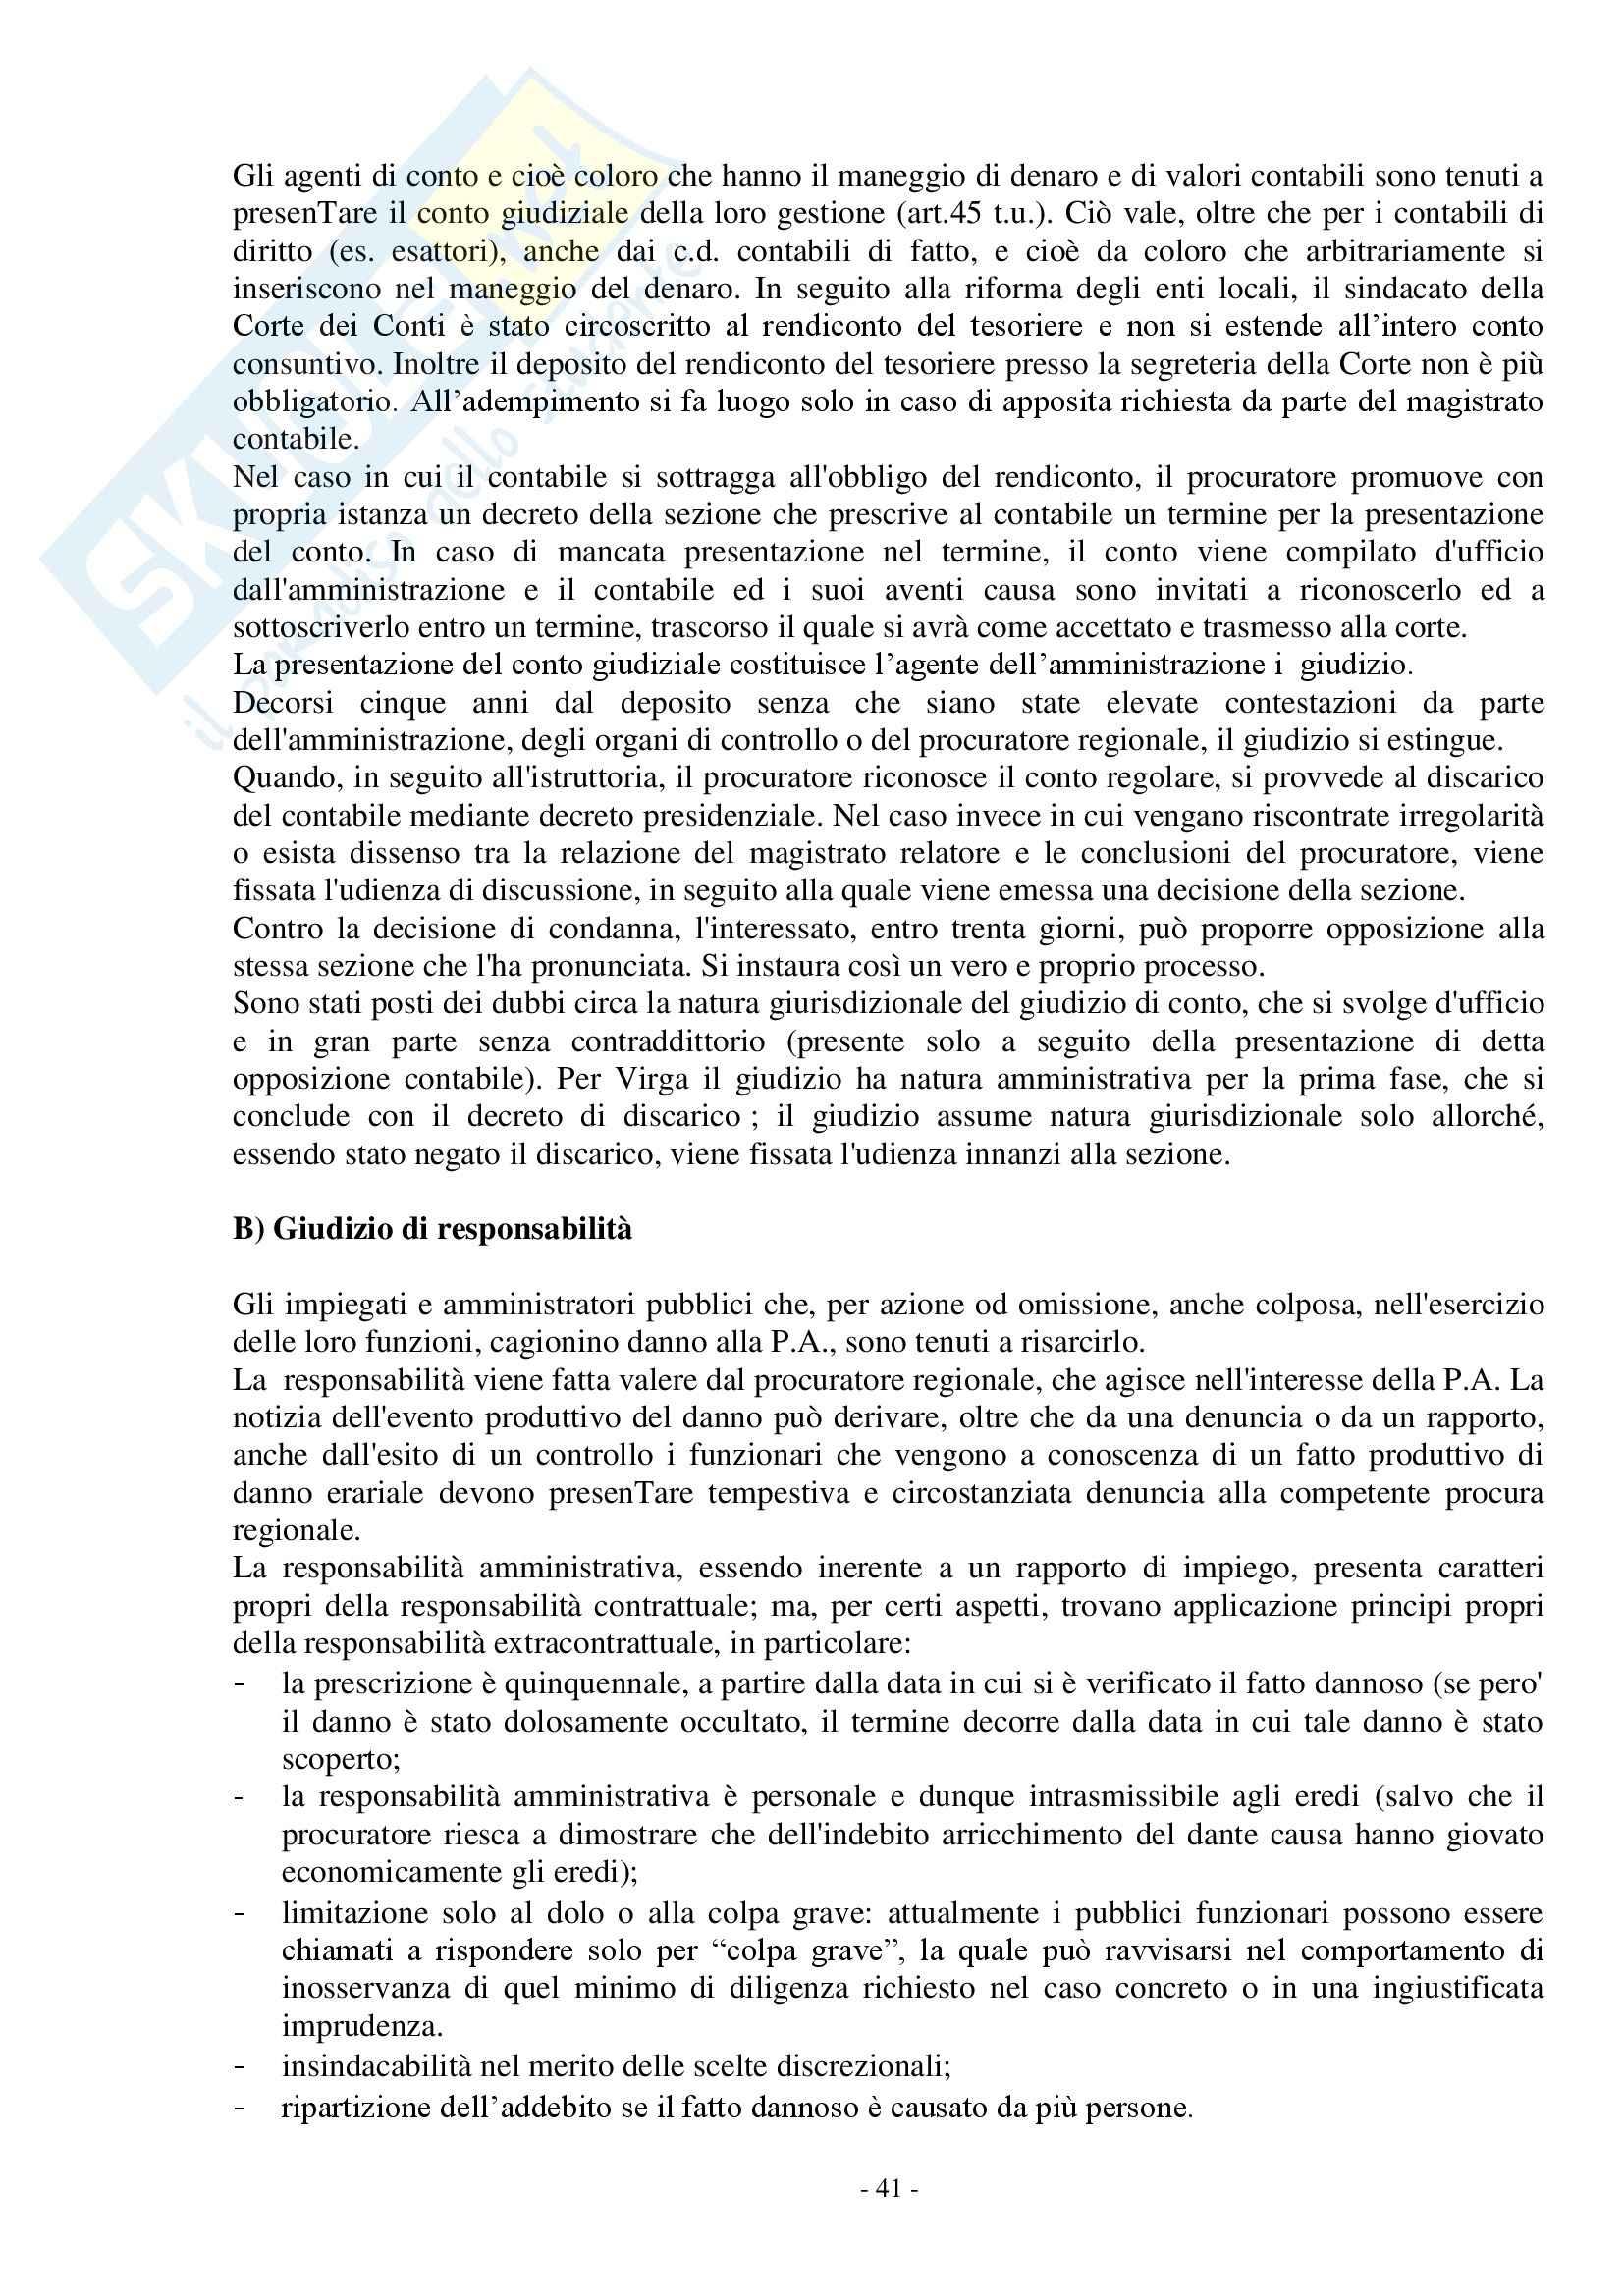 Diritto amministrativo - Atti e ricorsi Pag. 41